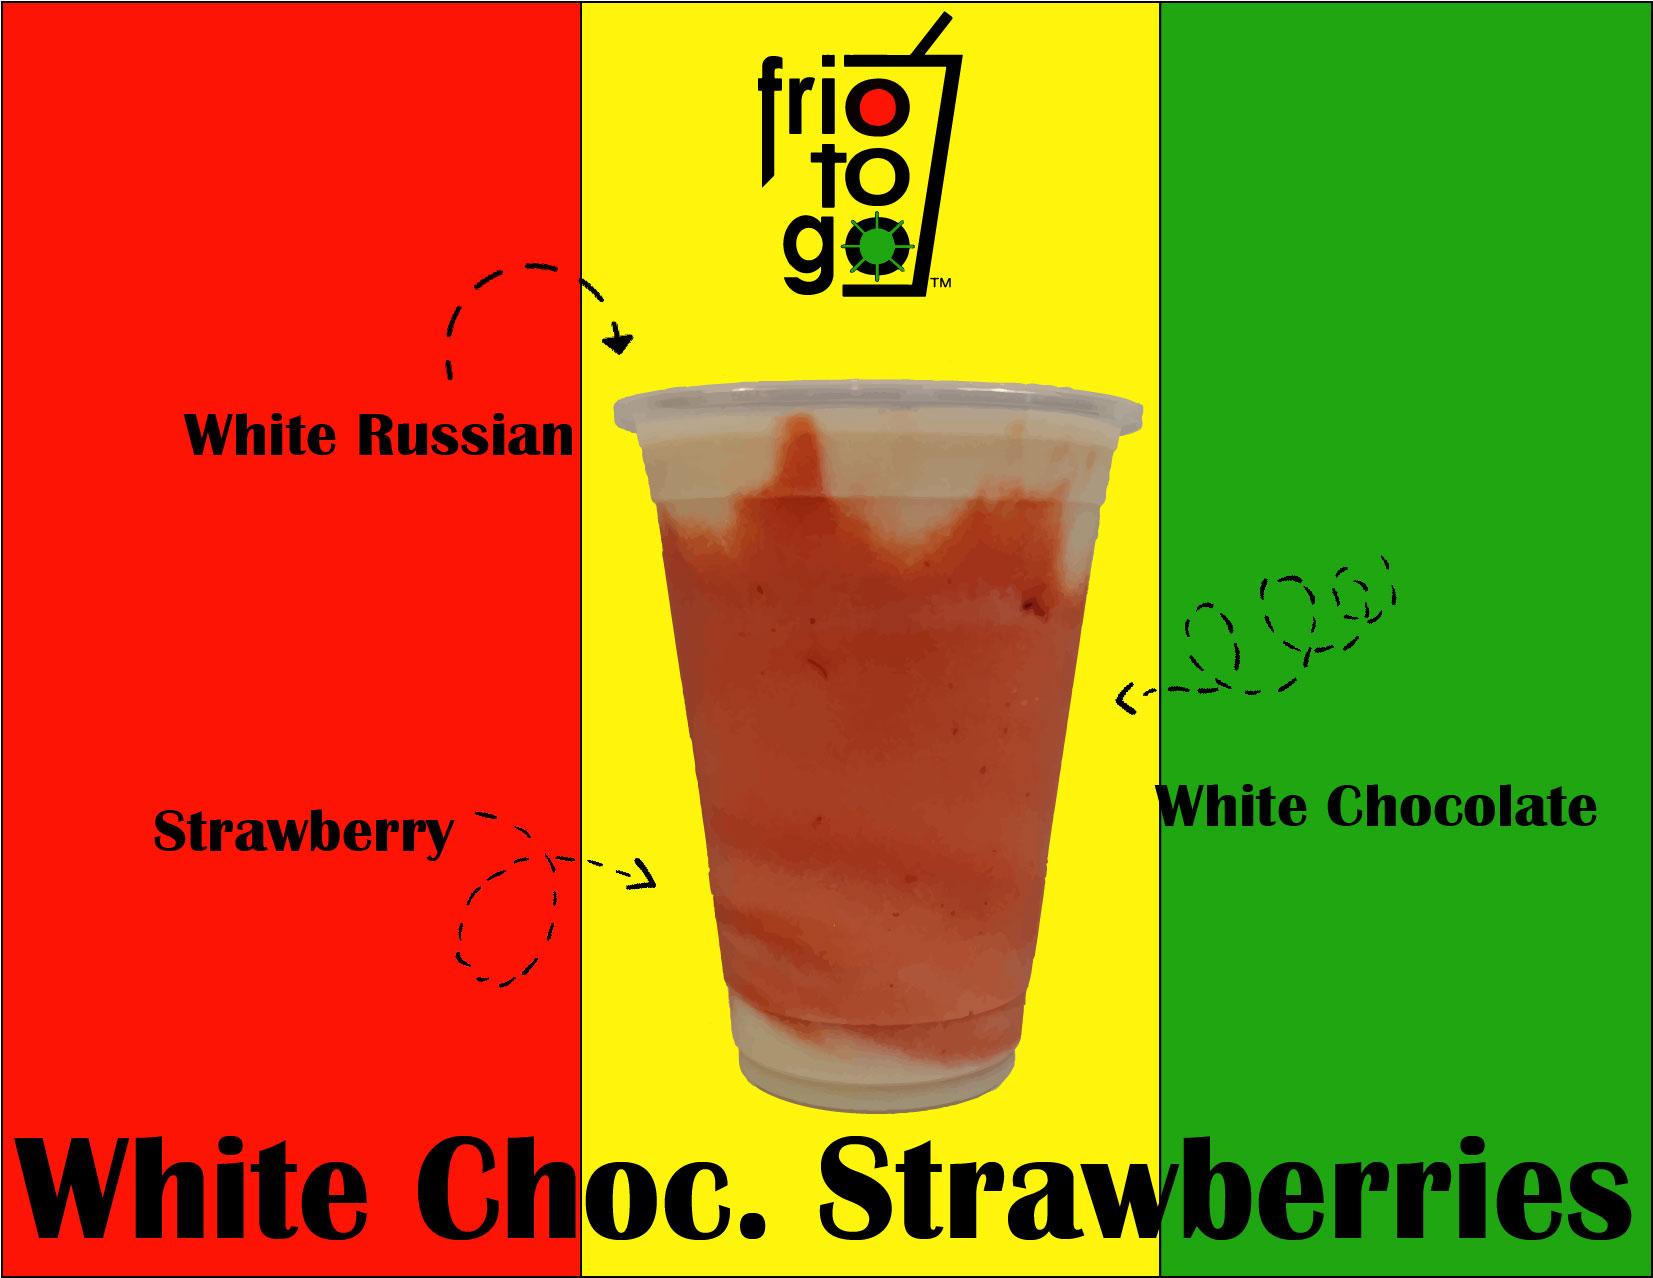 White Choc. Strawberries